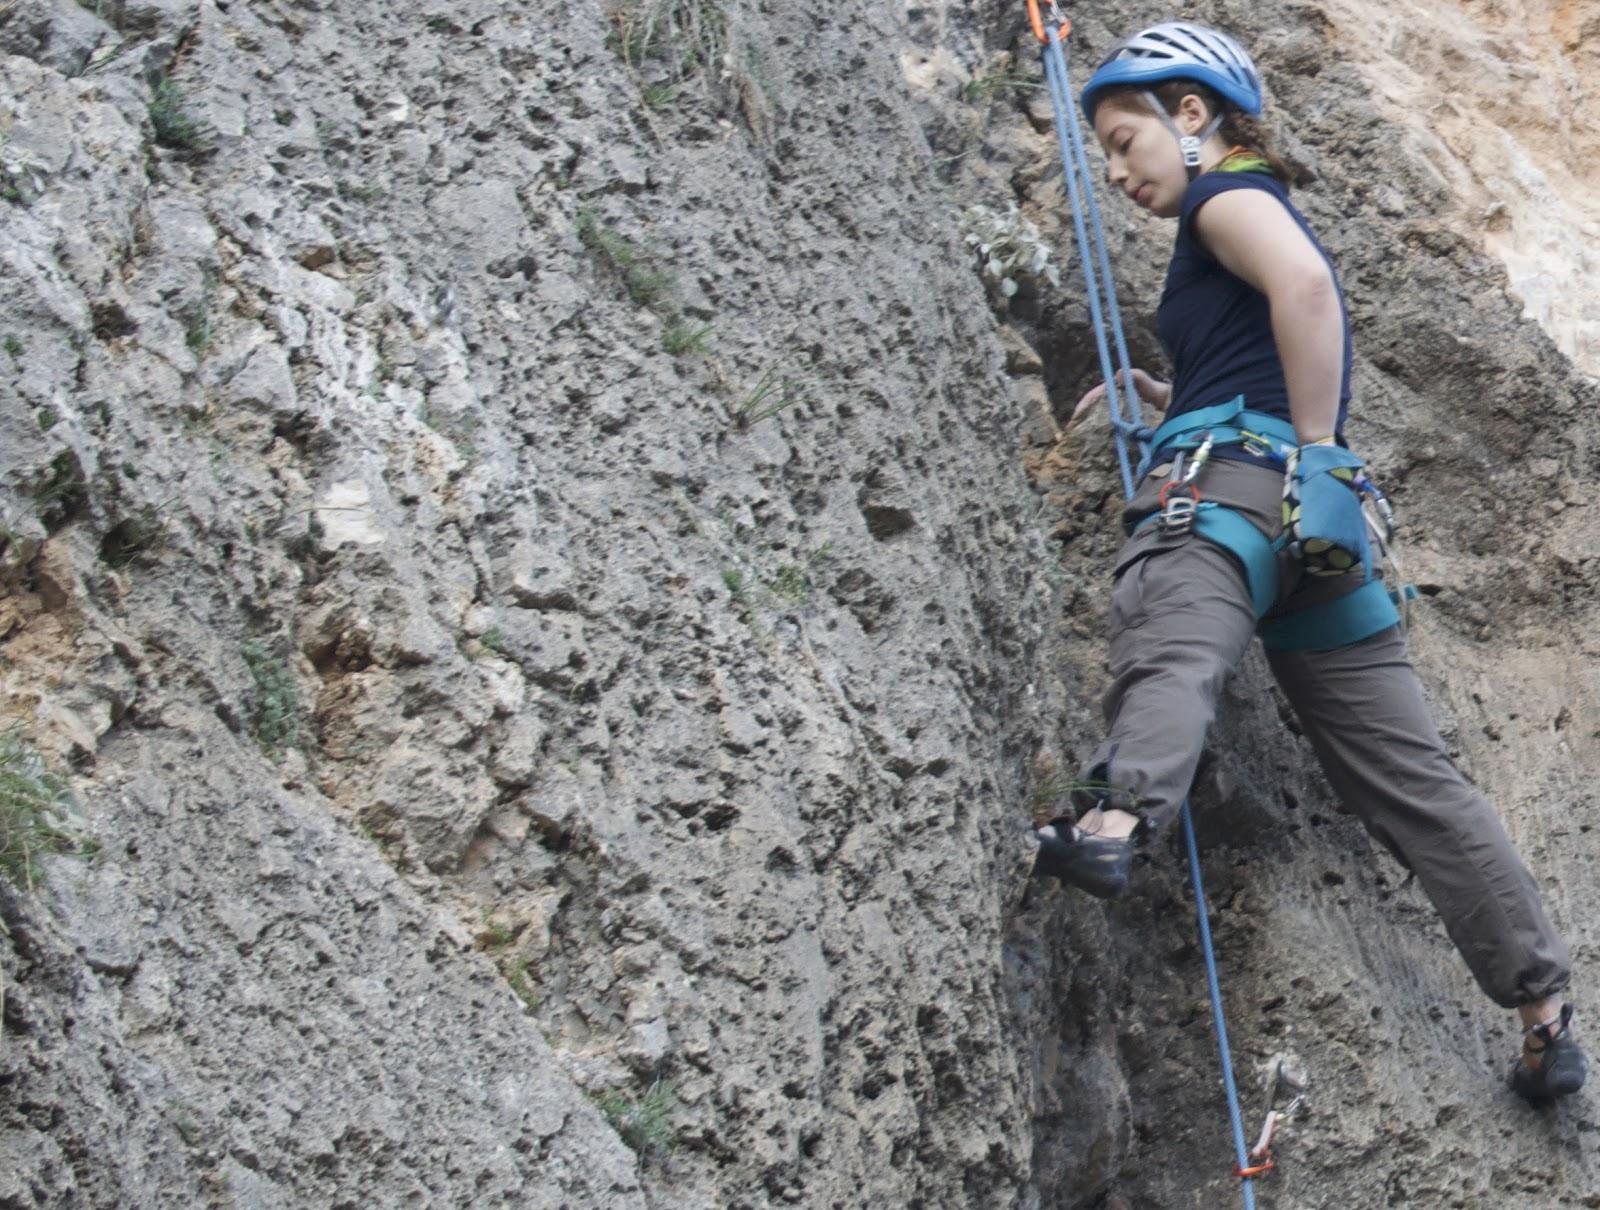 kaya tırmanışı teknikleri baca tekniği stemming